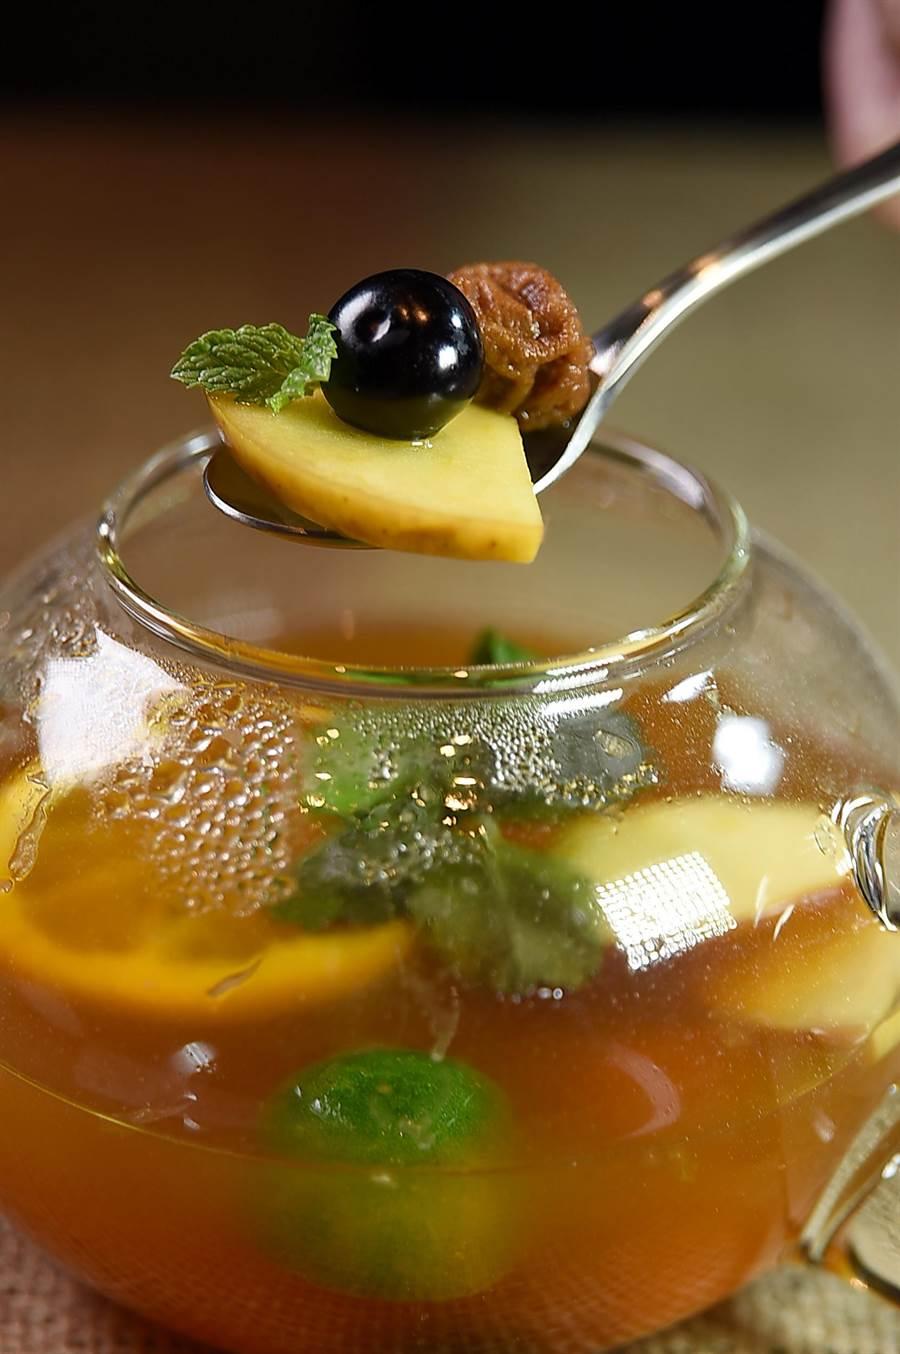 〈星乃珈琲店〉的〈水果茶〉,除有水果外並有一顆話梅,以話梅的鹹帶出水果的甘甜。(圖/姚舜)